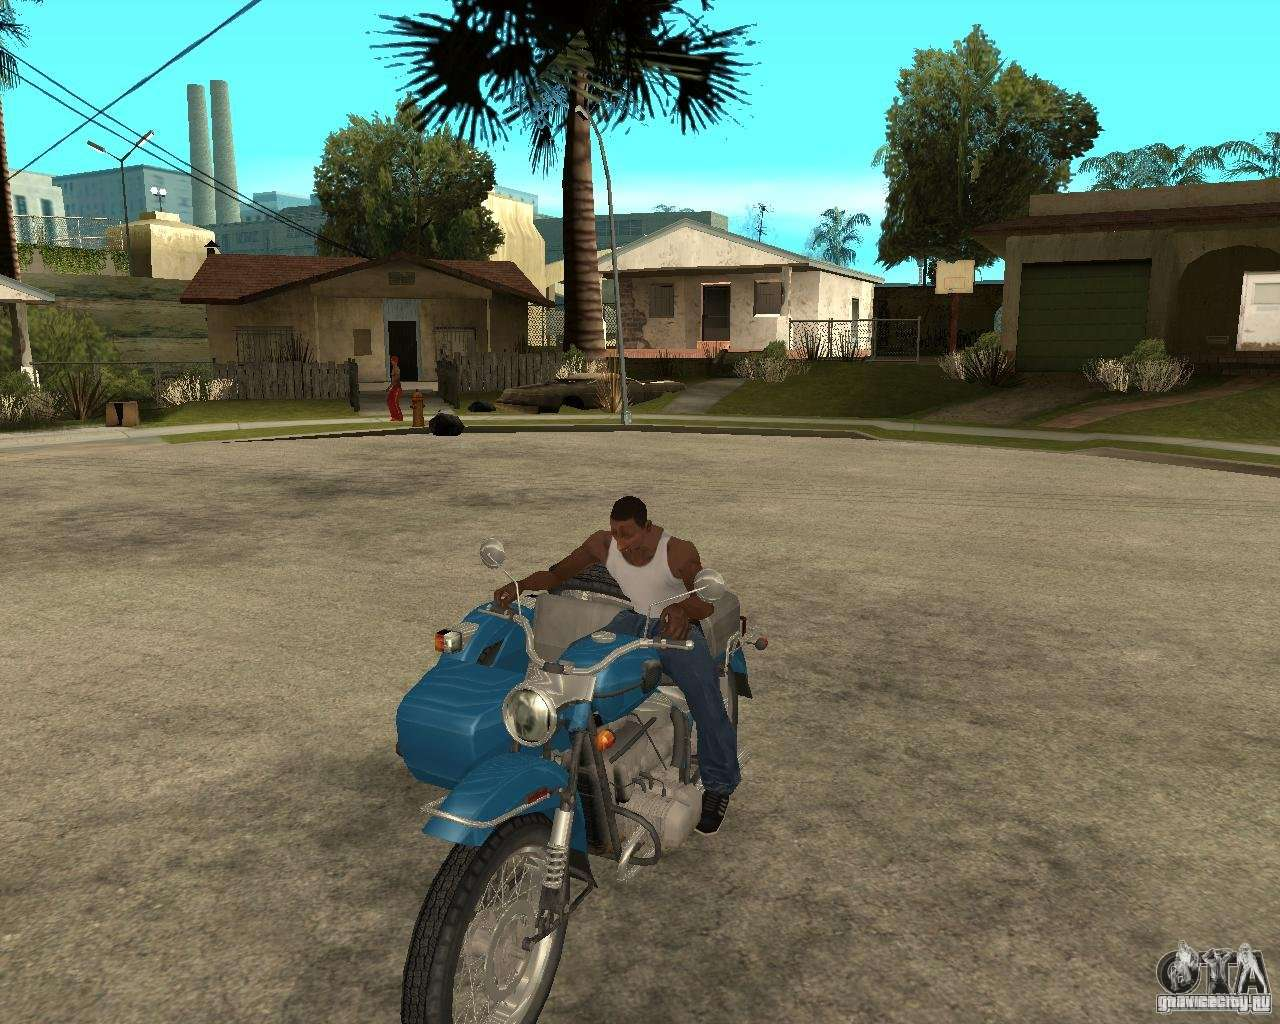 Скачать мод для гта санандрес на мотоциклы